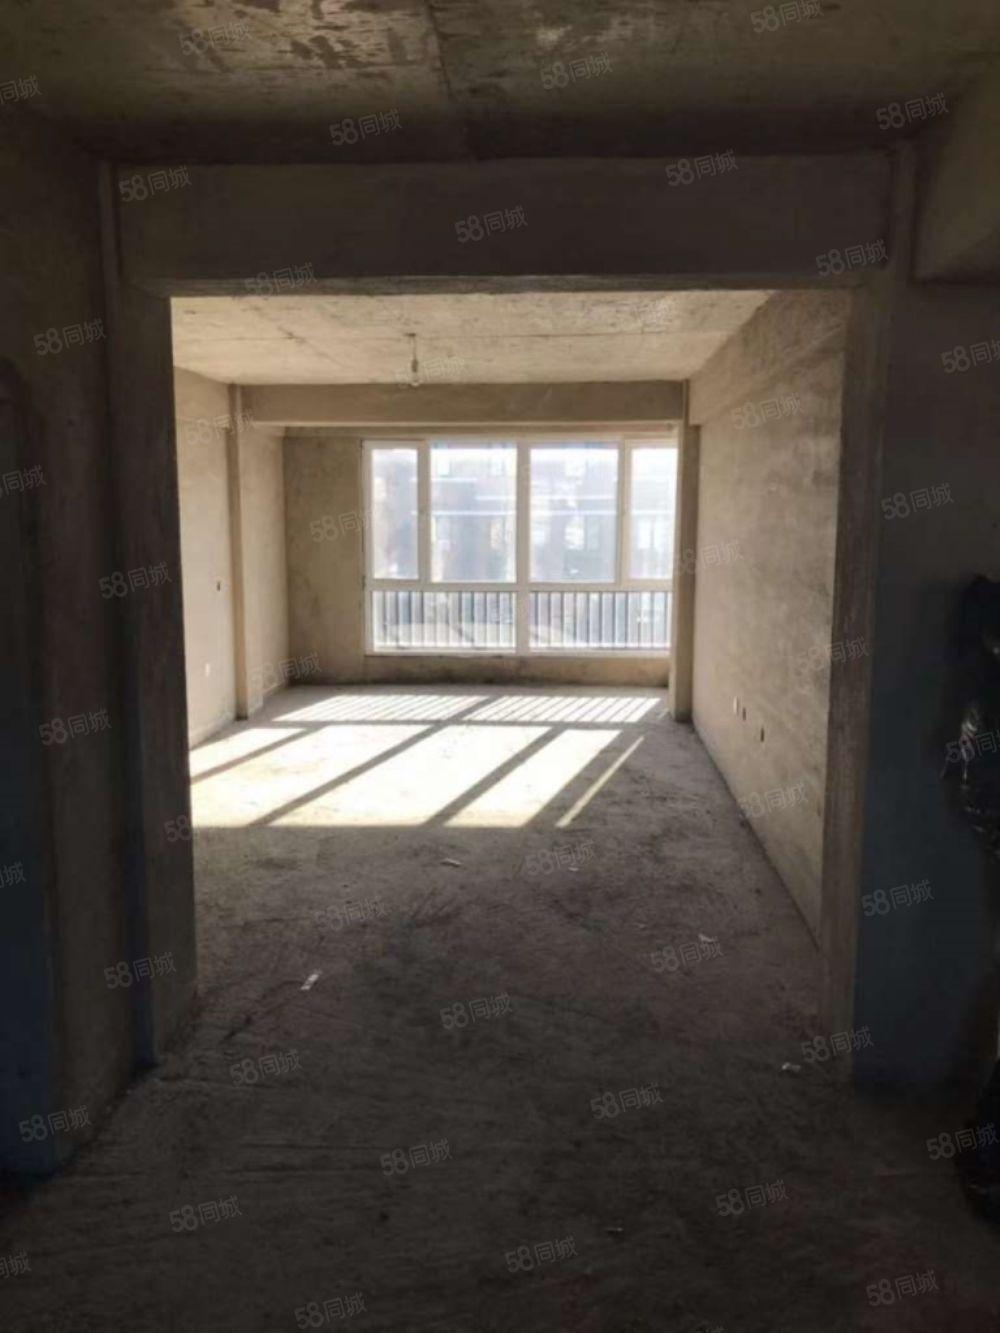 毓水蓬莱三期5楼89平南北通厅直接更名两室两厅